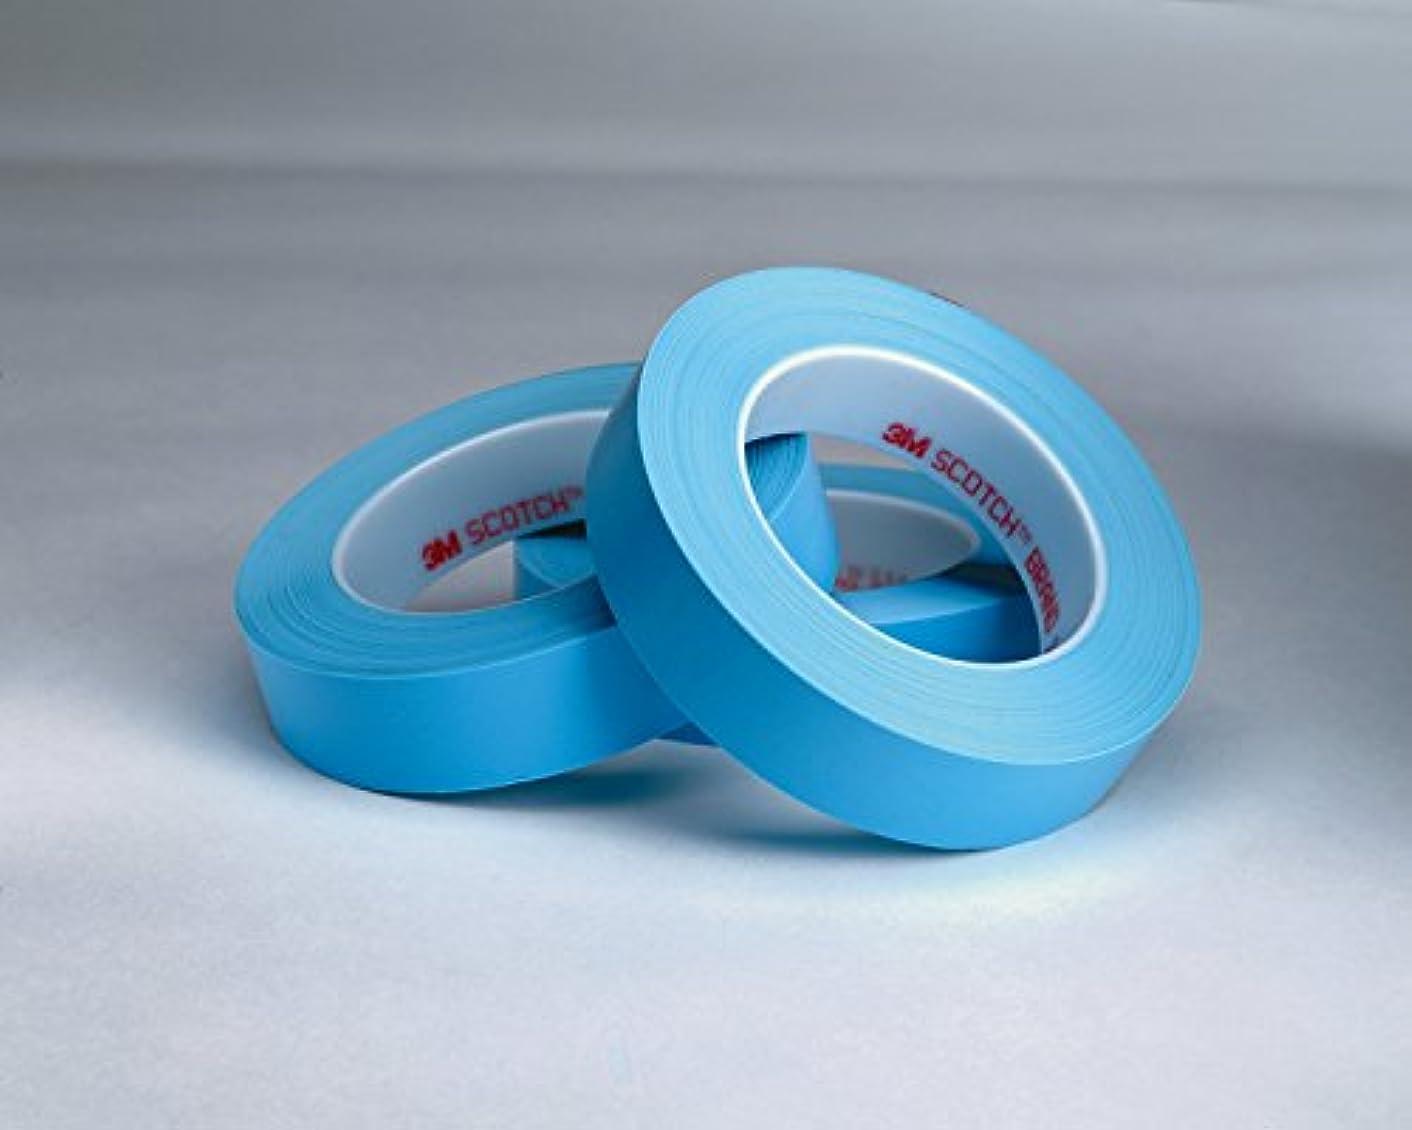 Scotch Fine Line Tape 215 Blue, 3/4 in x 60 yd 4.8 mil, 48 per case Bulk